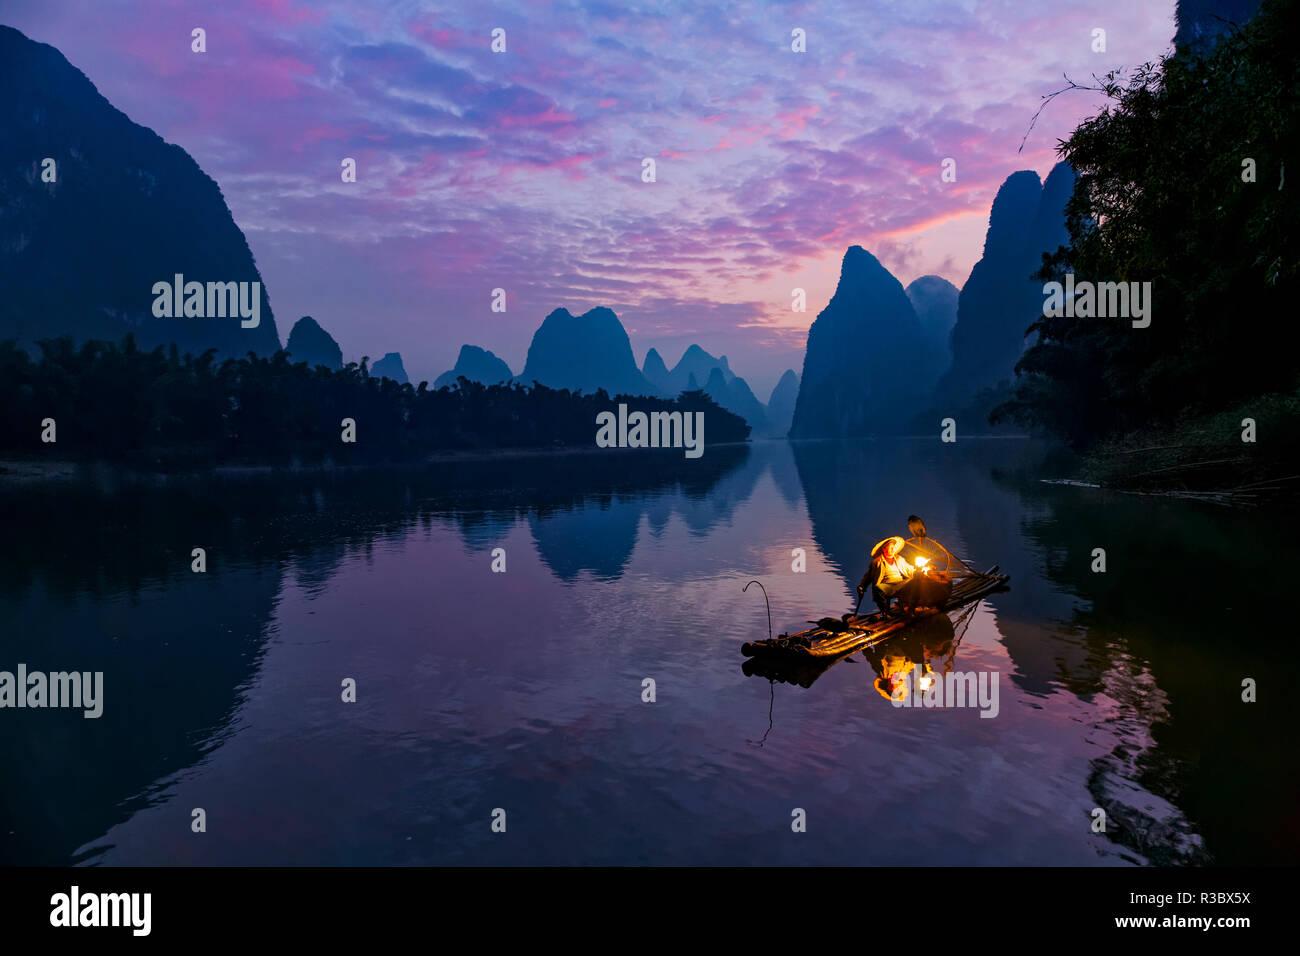 Traditionelle Chinesische Kormoran Fischer, Li River, in der Nähe von Xingping, China Stockbild